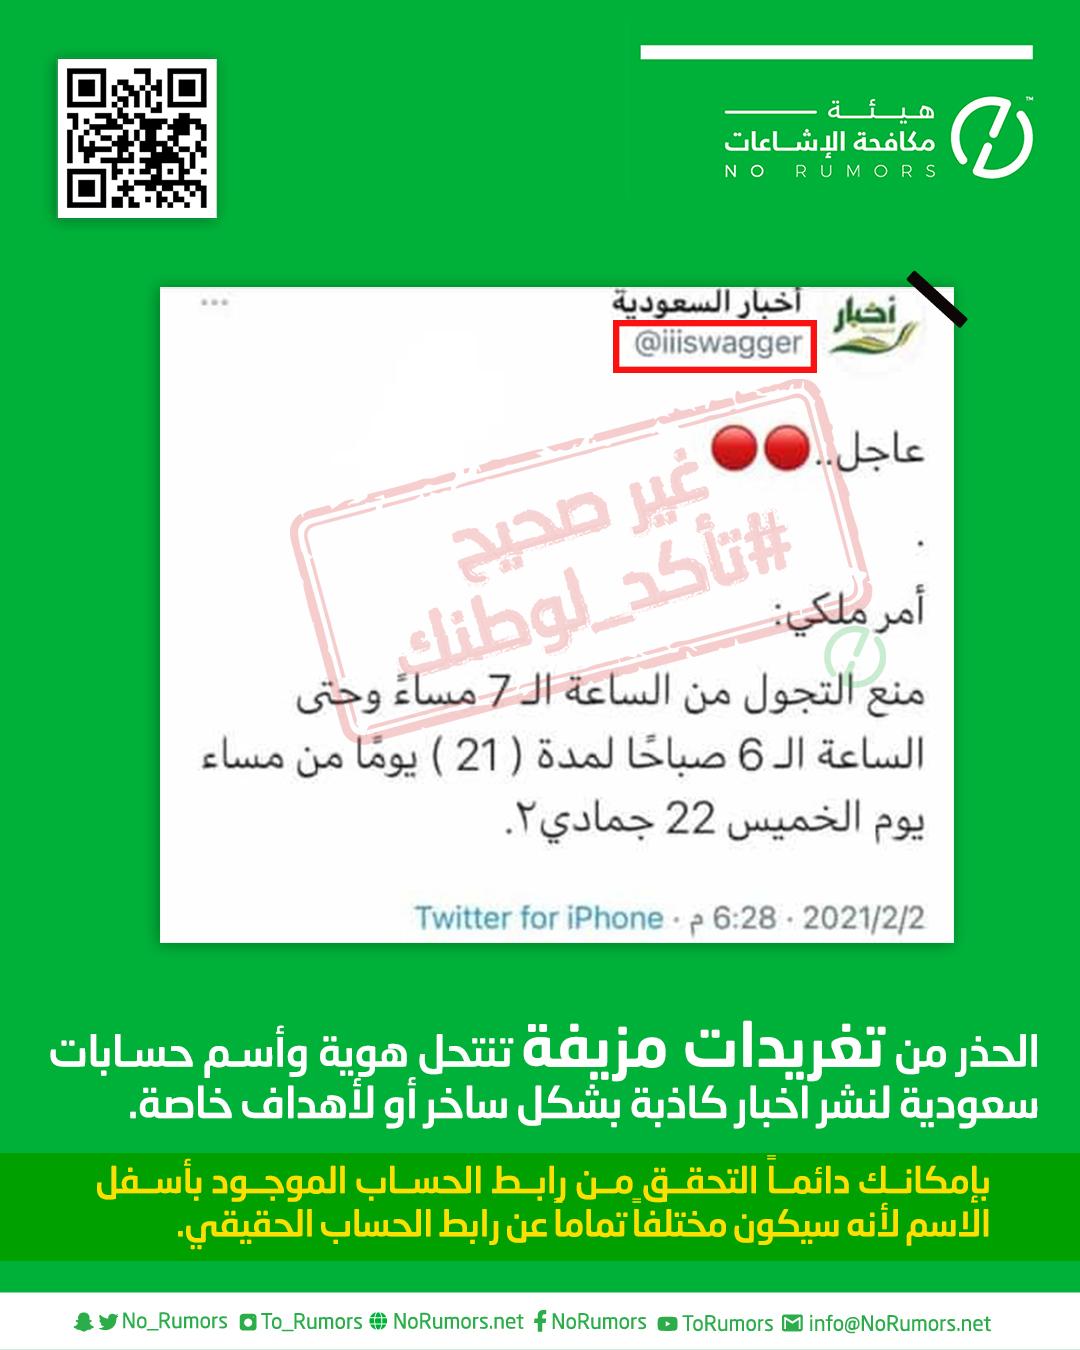 الحذر من تغريدات مزيفة تنتحل هوية وأسم حسابات سعودية